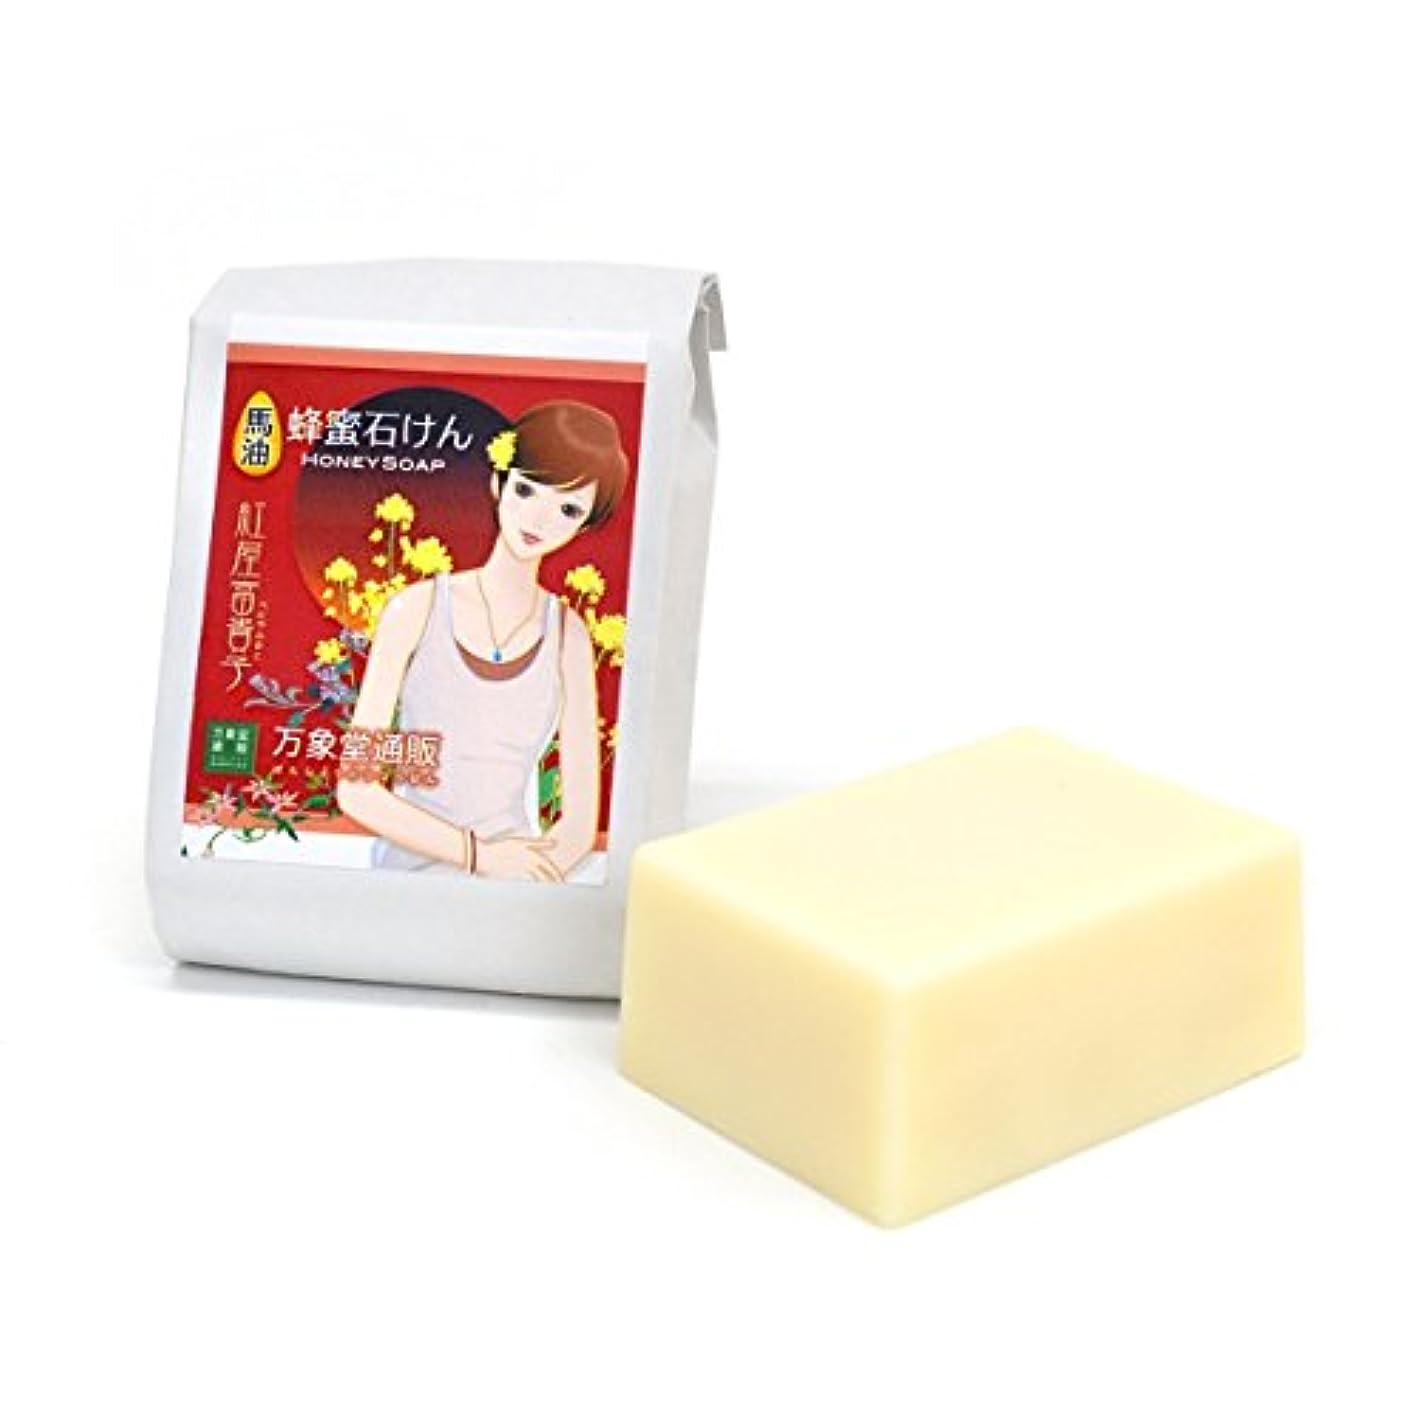 森羅万象堂 馬油石鹸 90g(国産)熊本県産 国産蜂蜜配合